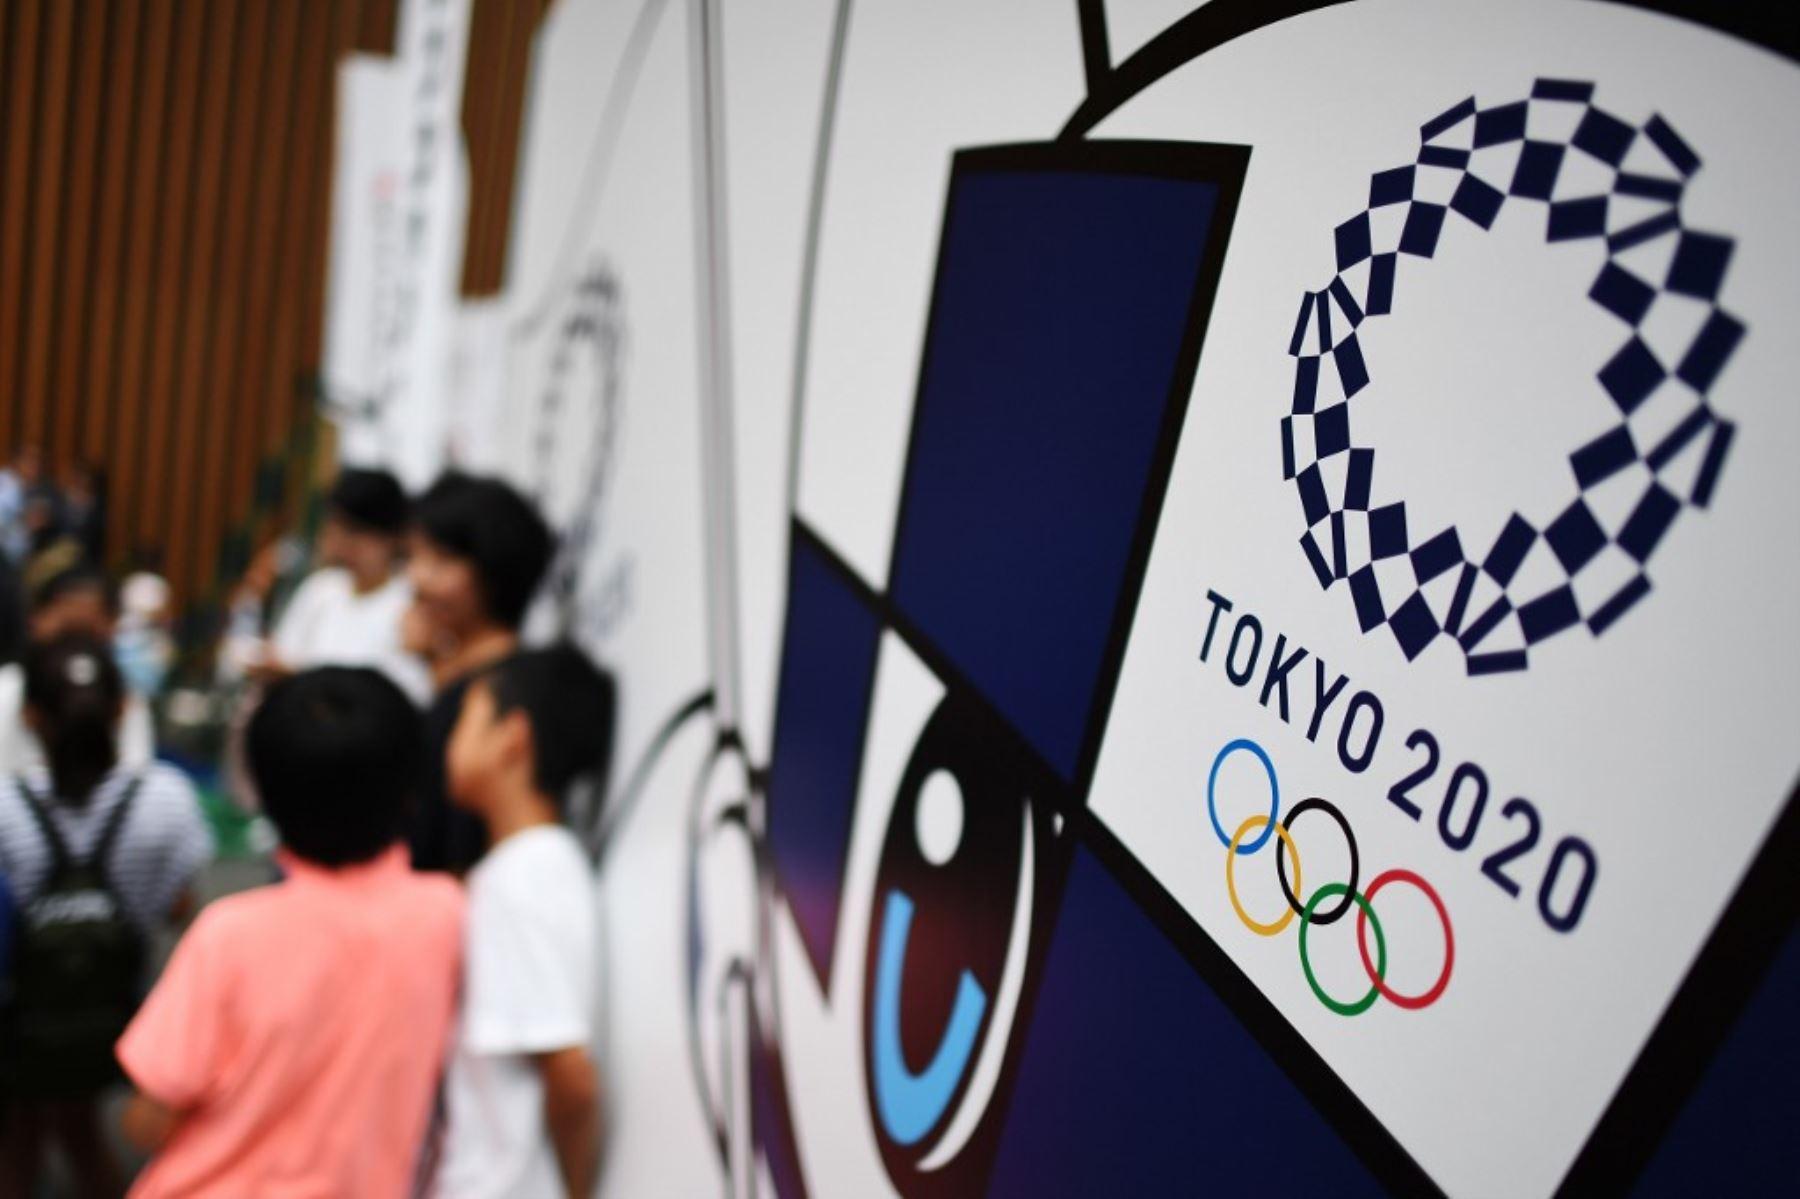 Los Juegos Tokio 2020 se desarrollarán a pesar del nuevo coronavirus